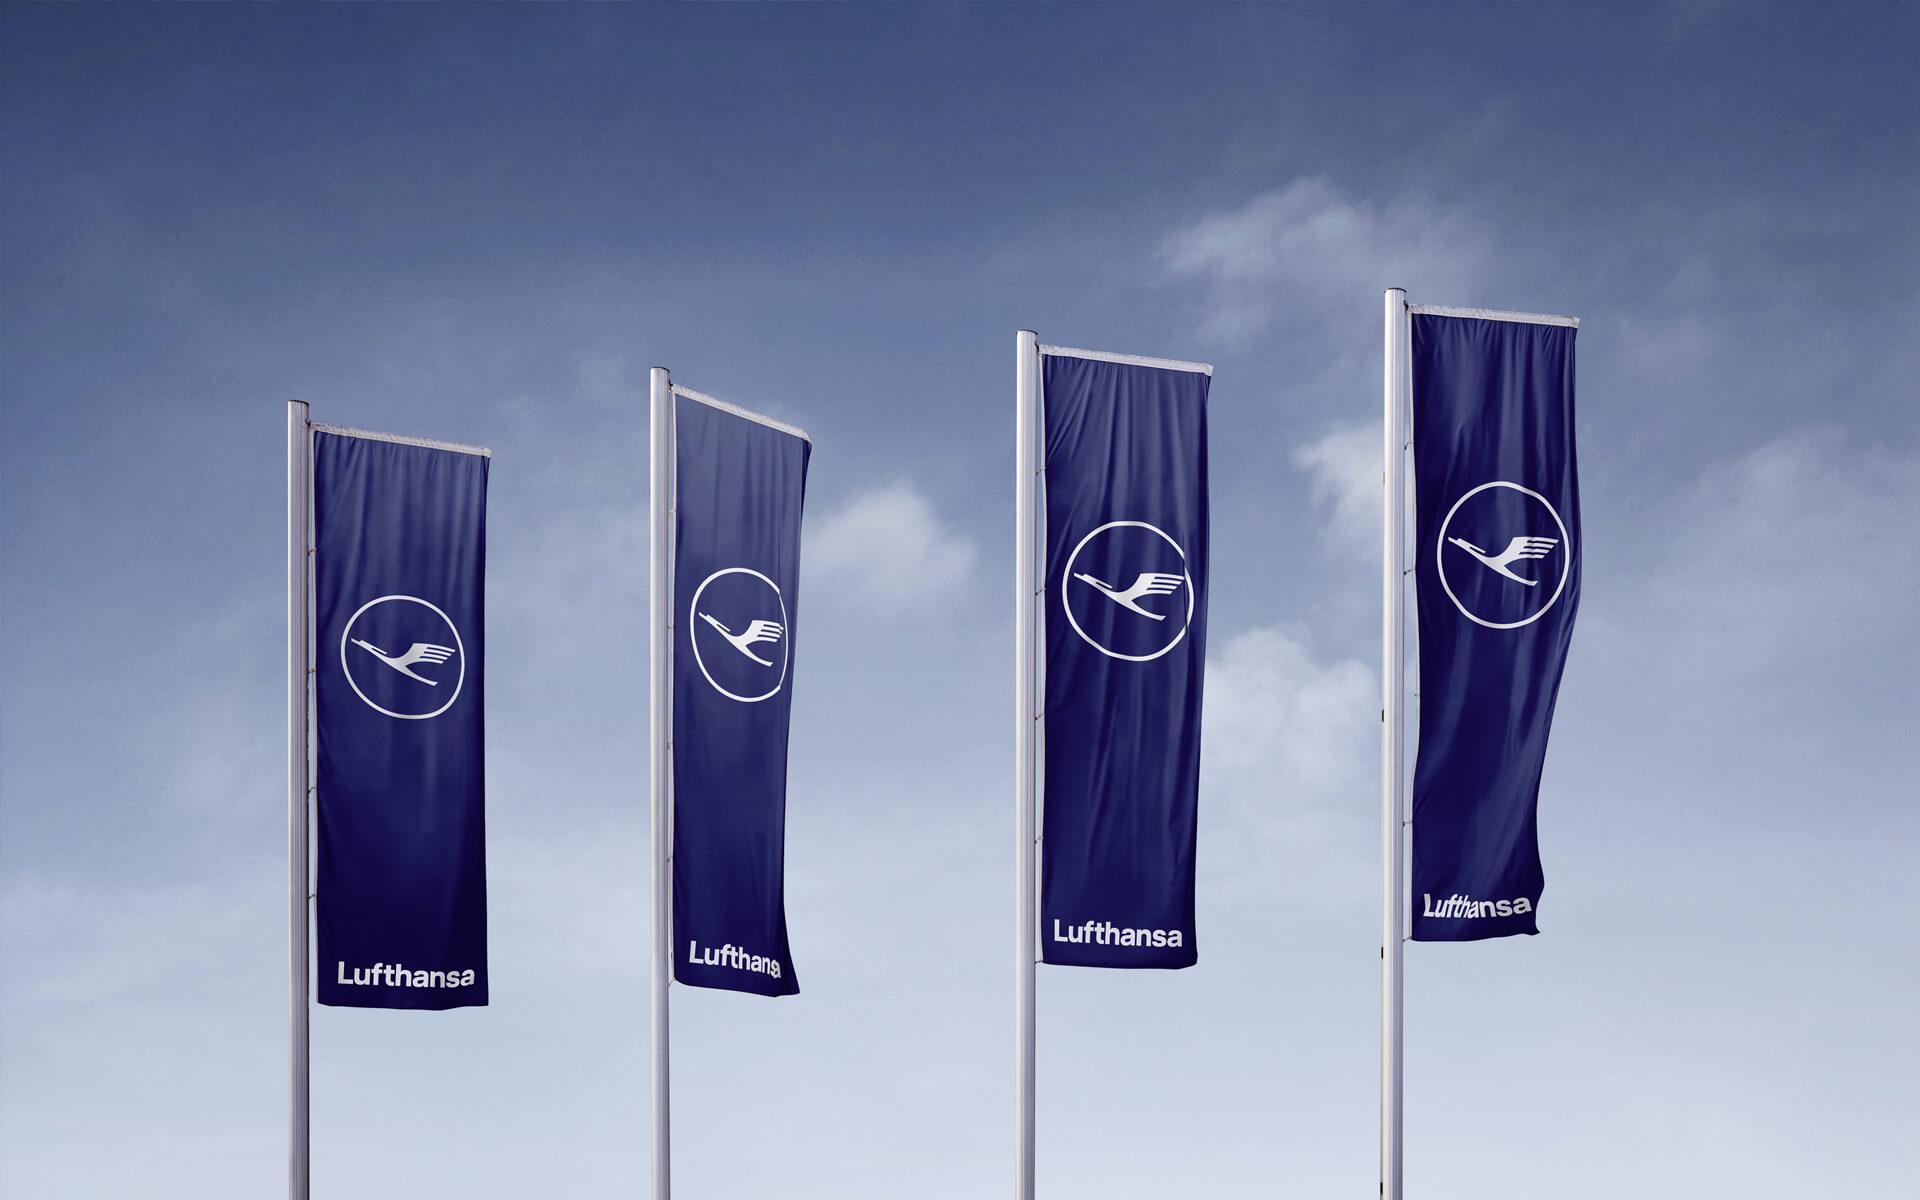 Lufthansa Corporate Design 2018, Redesign, Signage